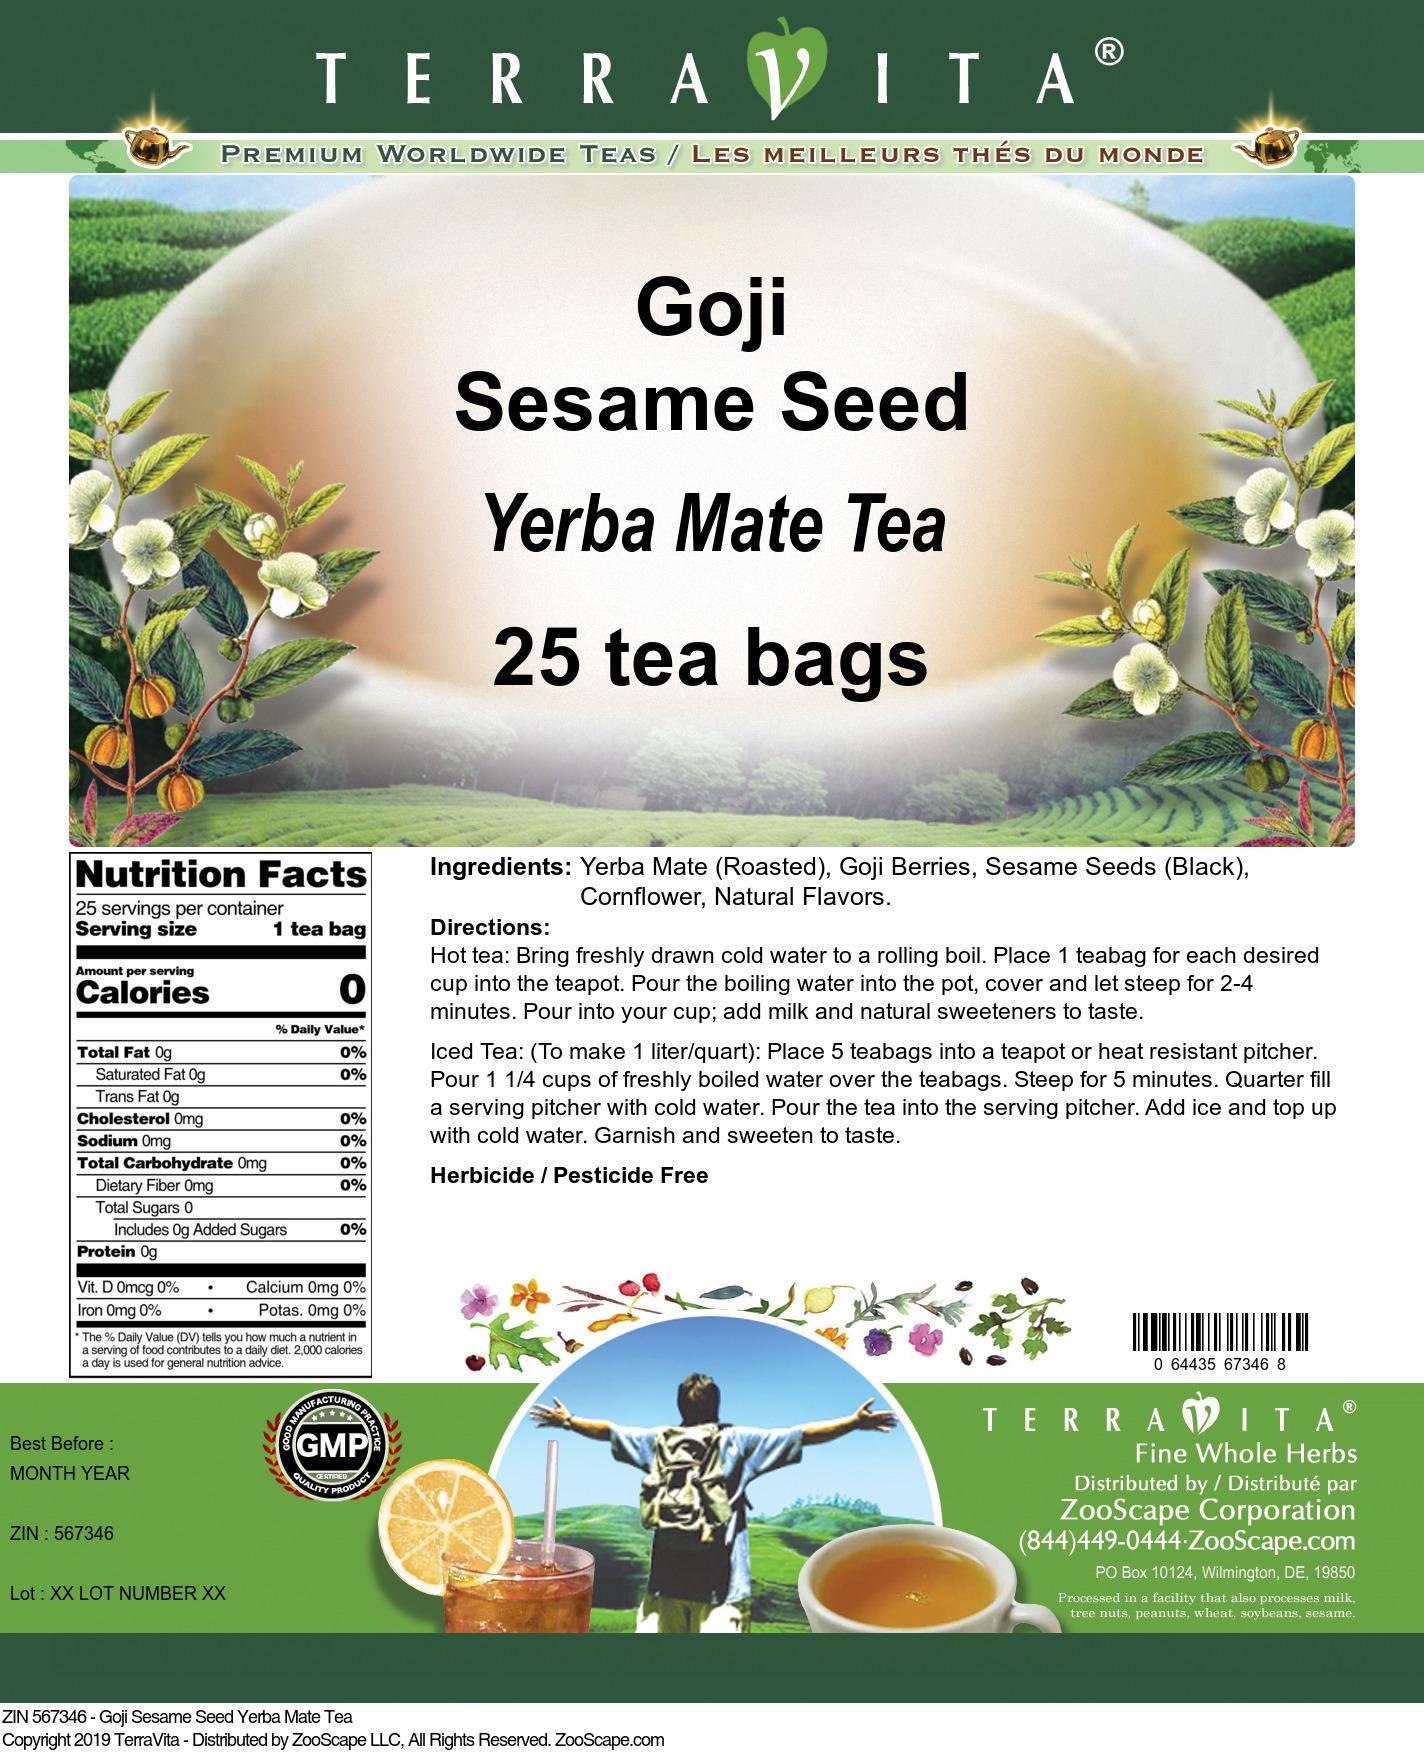 Goji Sesame Seed Yerba Mate Tea